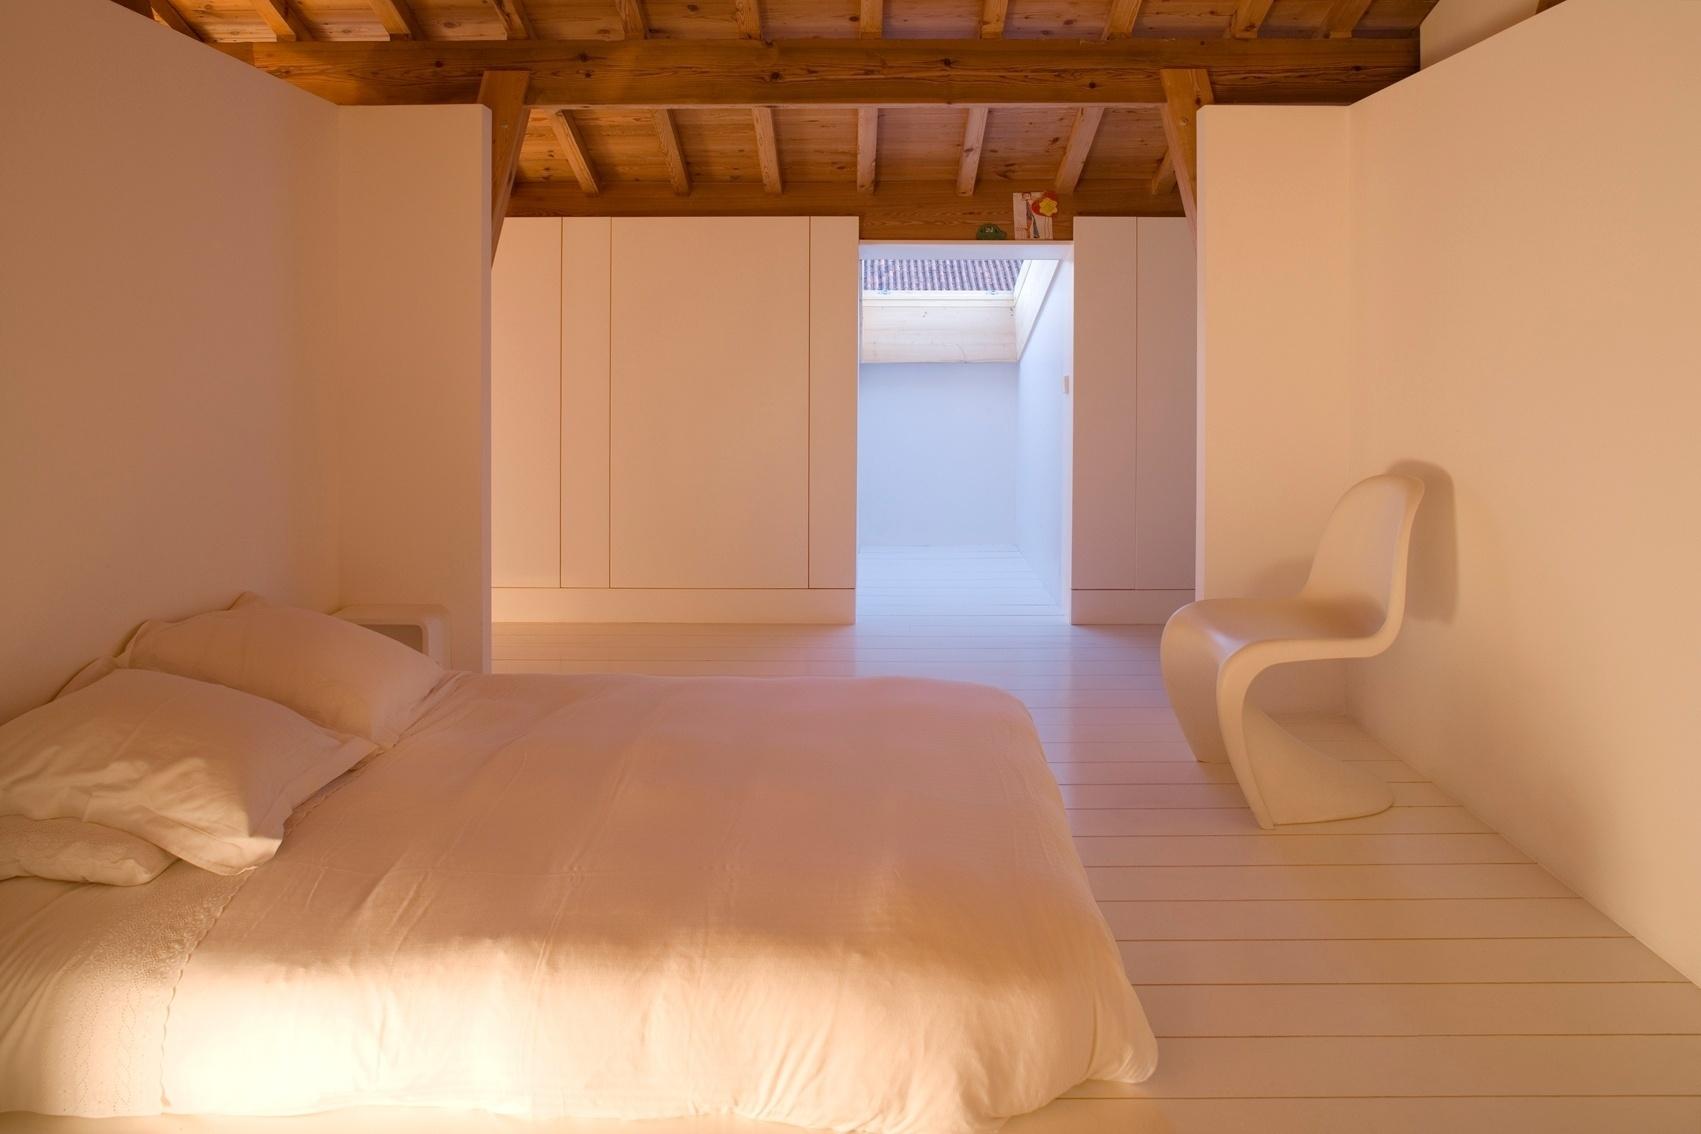 Os dormitórios recebem luz natural por aberturas no telhado ou através de janelas de mansarda. O estilo é bastante minimalista e o branco serve, também, para refletir a luz natural e melhorar a iluminação dos ambientes desenvolvidos pelo Atelier Bugio